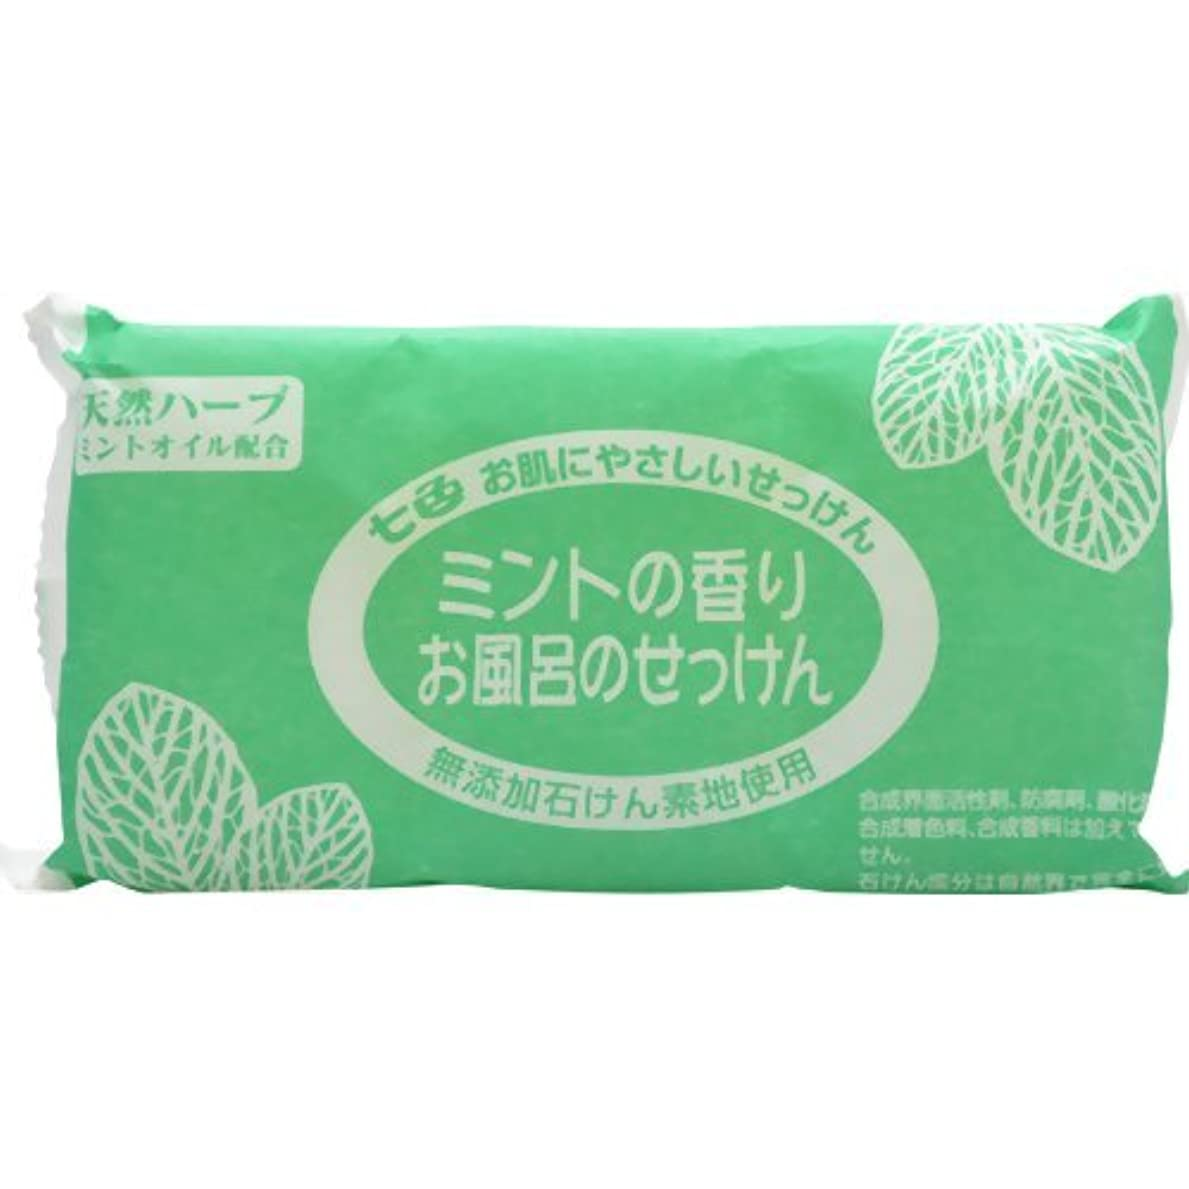 サイトライン社会科ドロップ七色 お風呂のせっけん ミントの香り(無添加石鹸) 100g×3個入